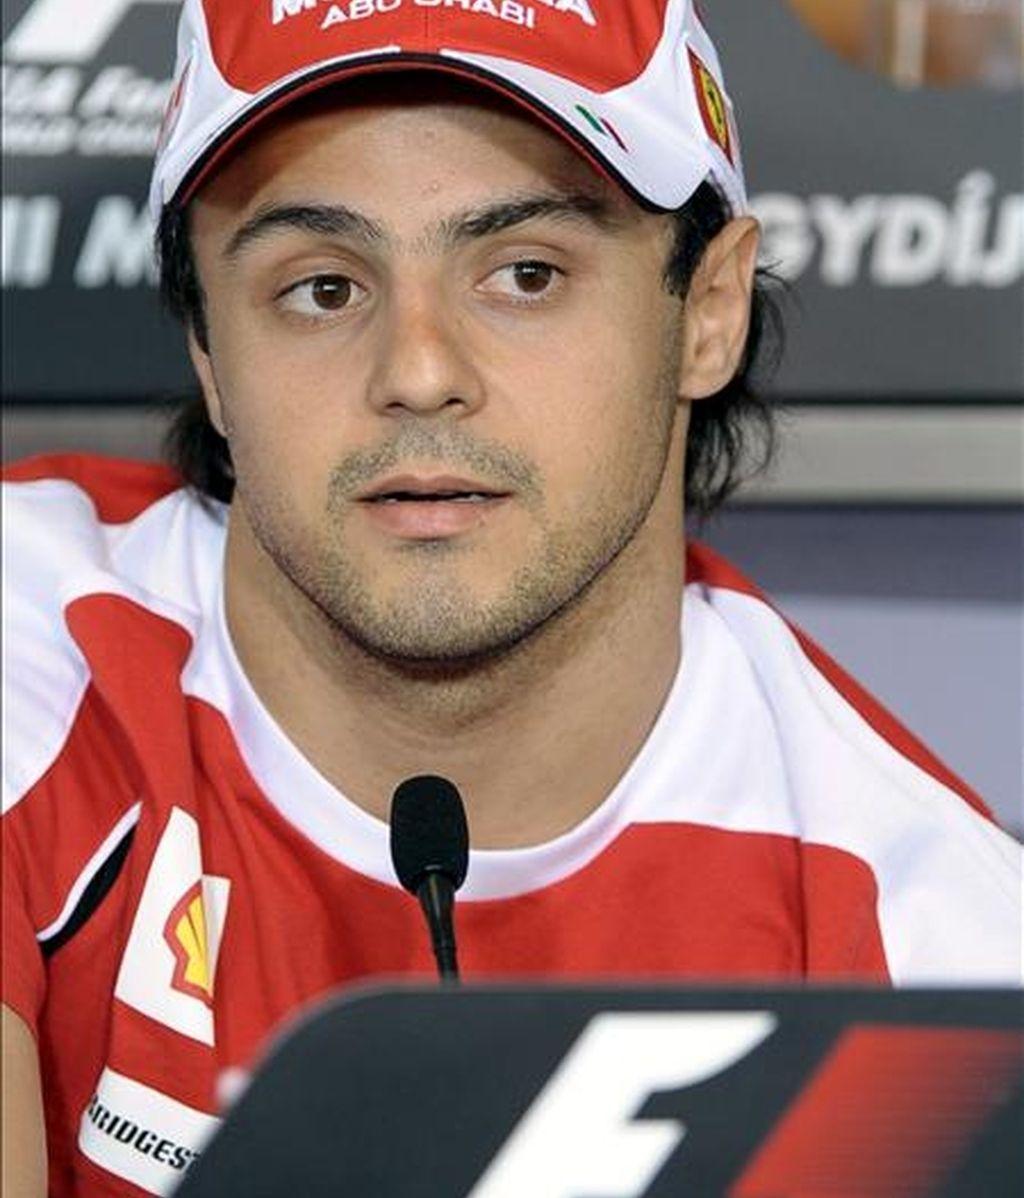 El piloto brasileño Felipe Massa de Ferrari comparece ante los medios durante una rueda de prensa celebrada en el circuito de Mogyorod, cerca de Budapest, (Hungría). EFE